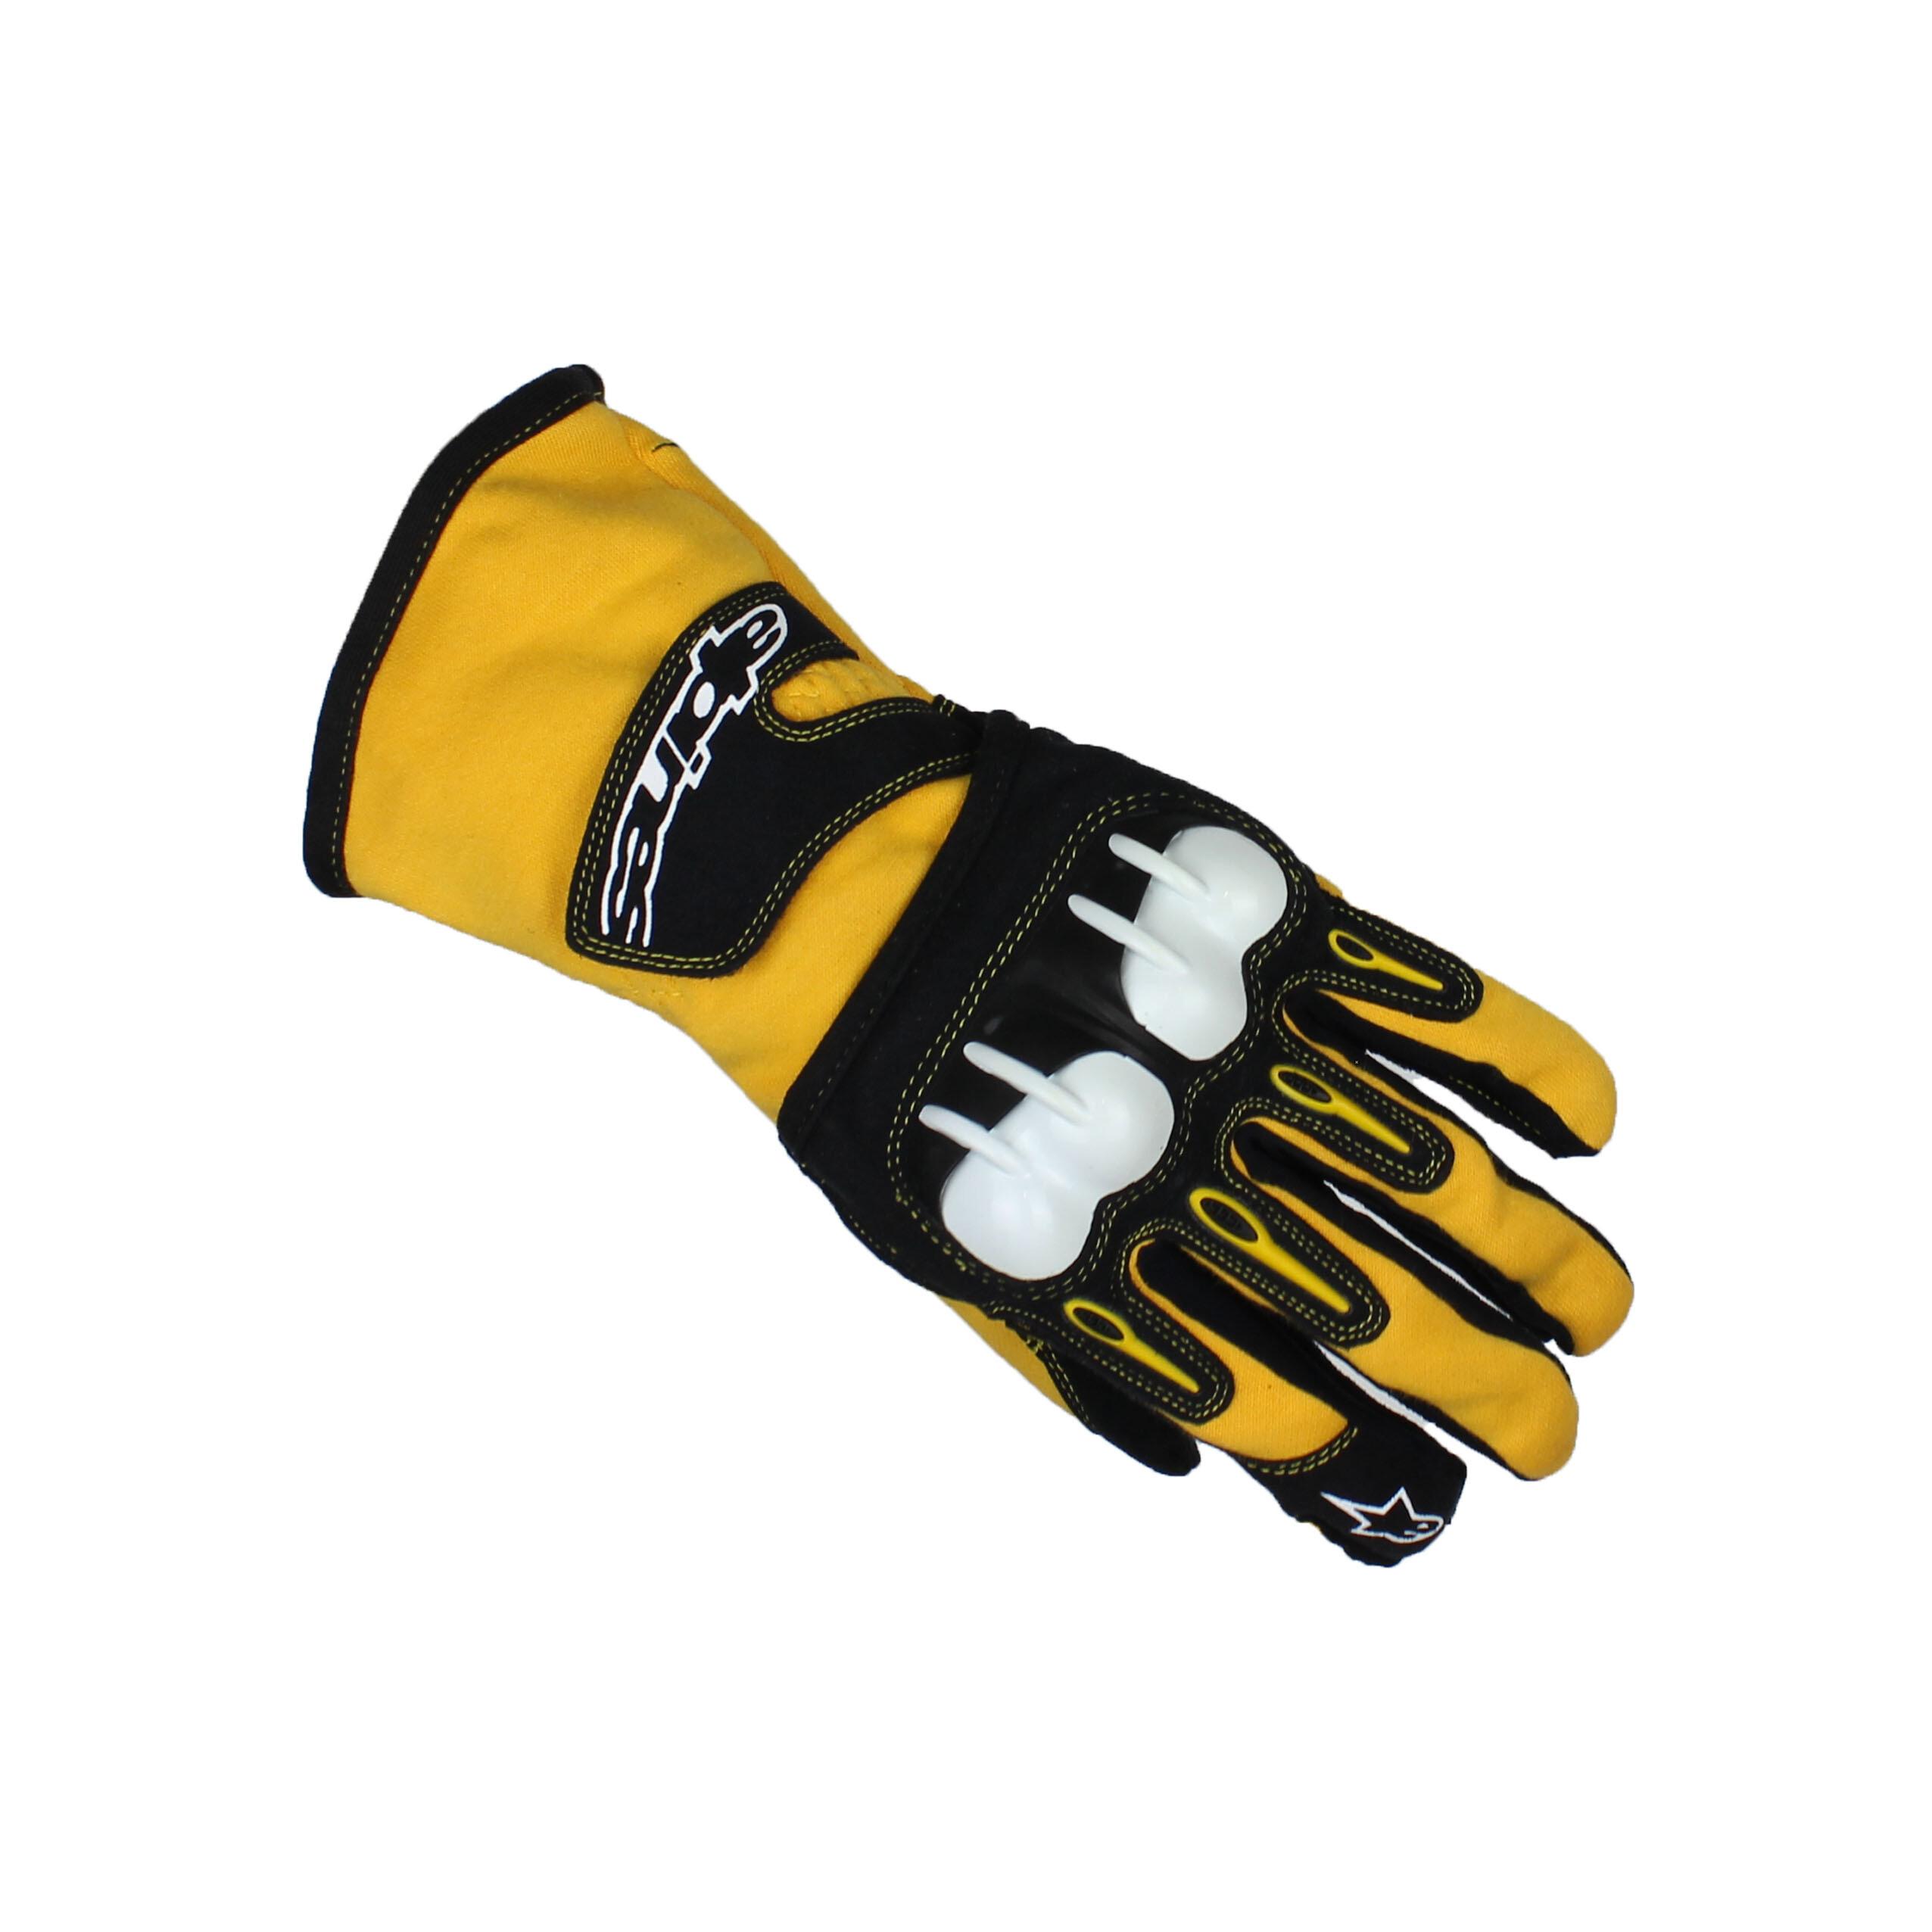 Alpinestars TECH 1-KV Karting Gloves Yellow/Black